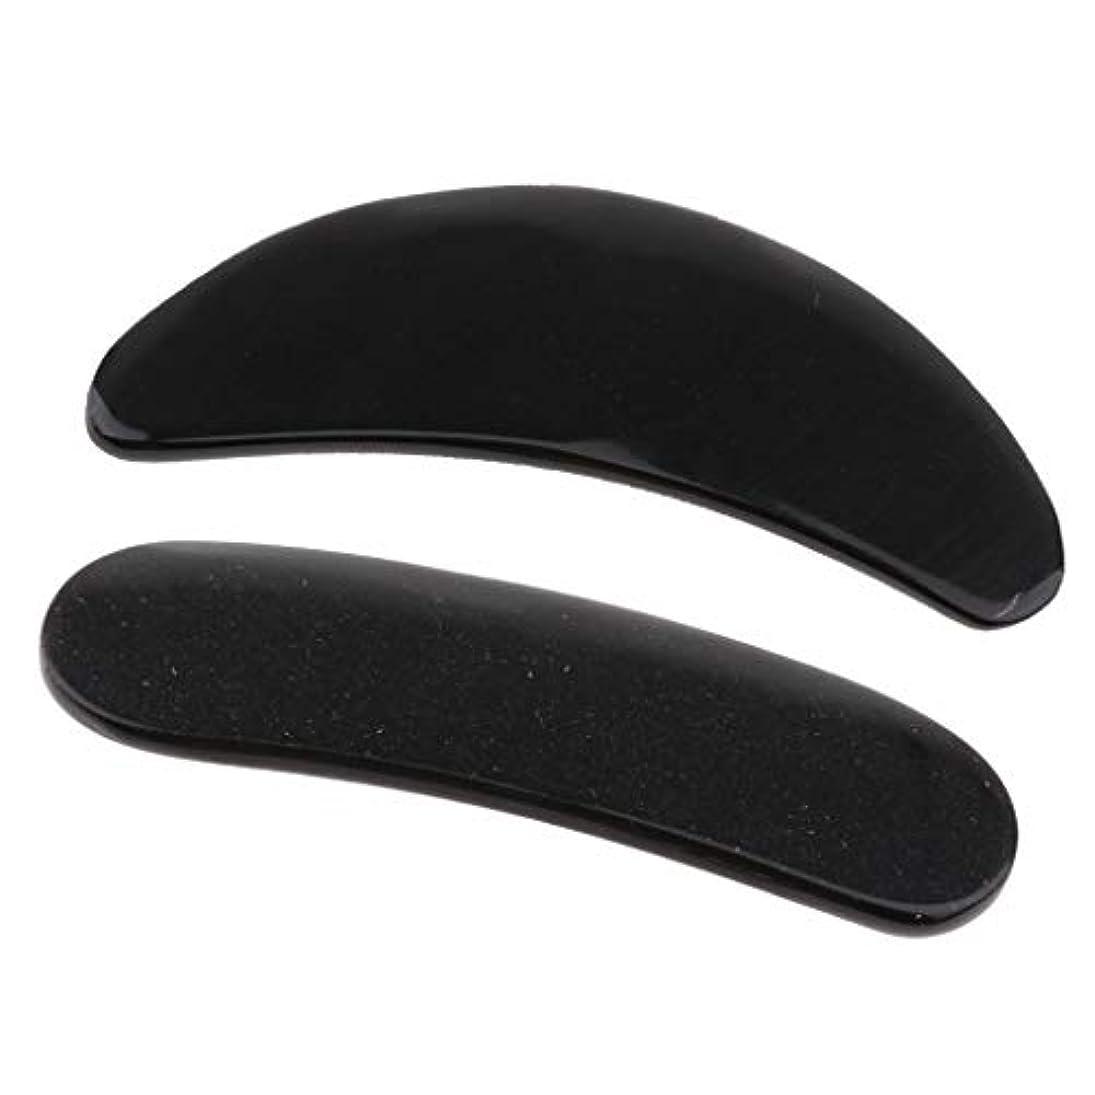 震え心から発言する2個 かっさプレート マッサージ カッサ道具 カッサボード カッサマッサージ道具 ブラック